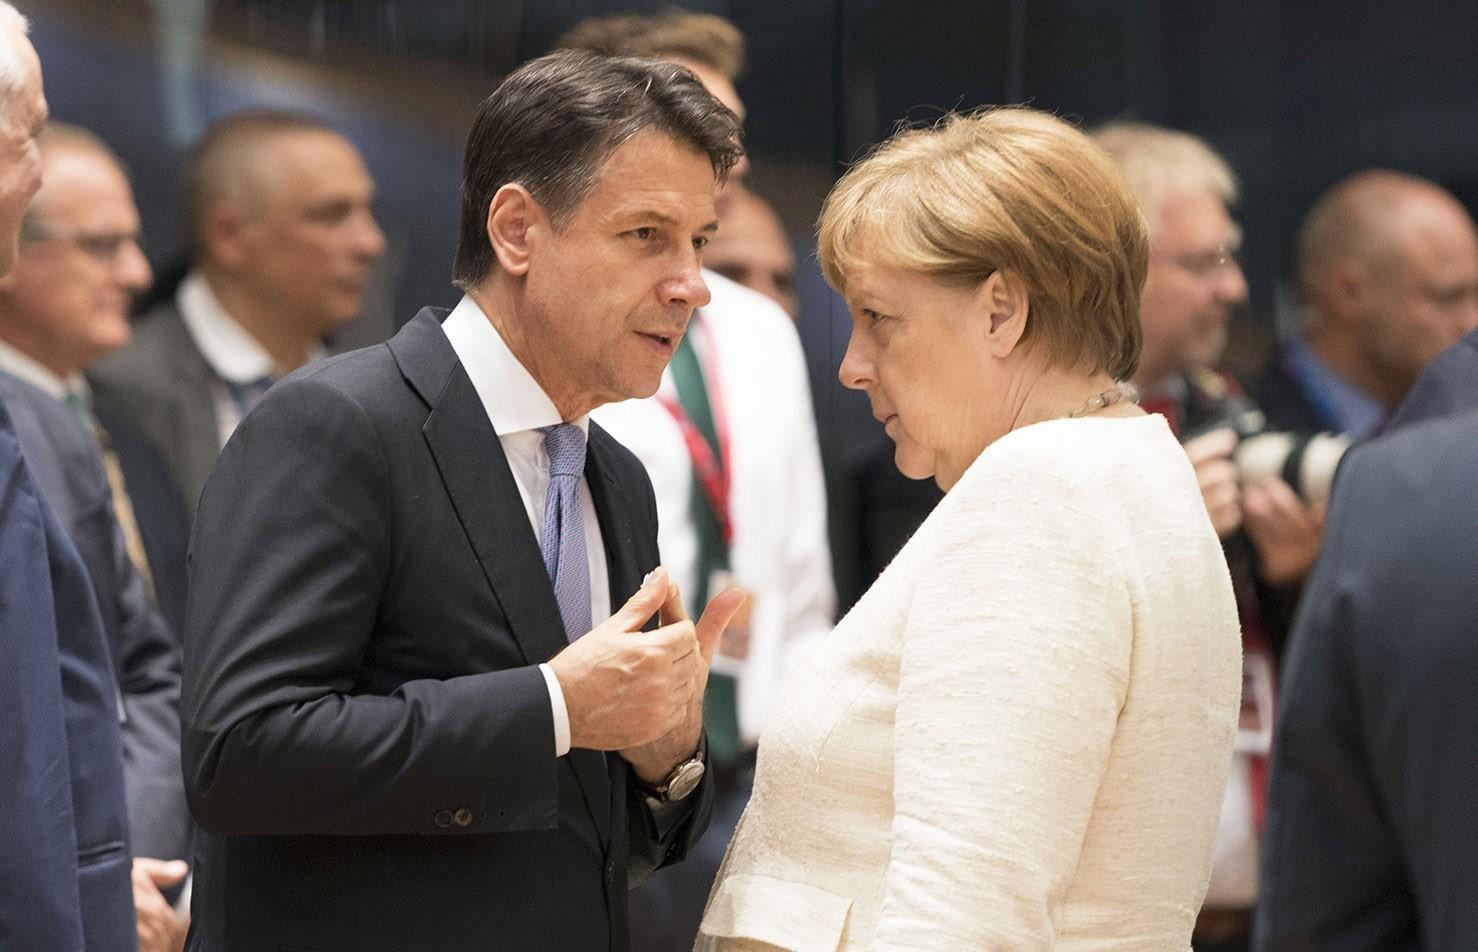 Il destino del piano della Commissione Ue nelle mani della Merkel: Italia immobile - Leggilo.org